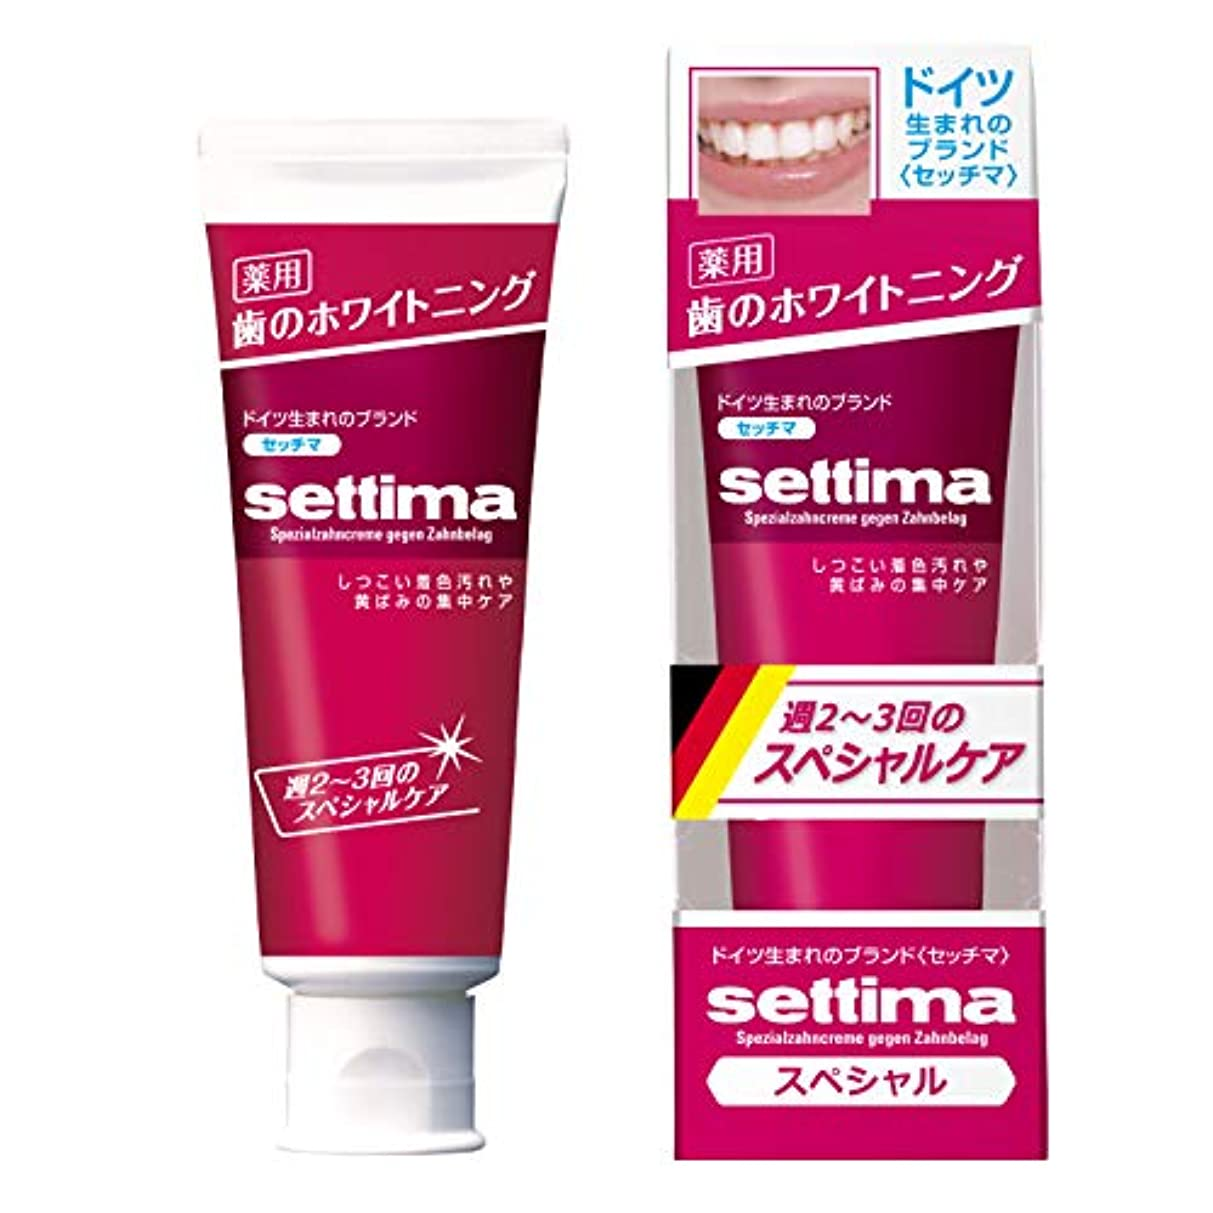 ピケ枯渇モトリーsettima(セッチマ) ホワイトニング 歯みがき スペシャルケア [ペパーミントタイプ] 80g